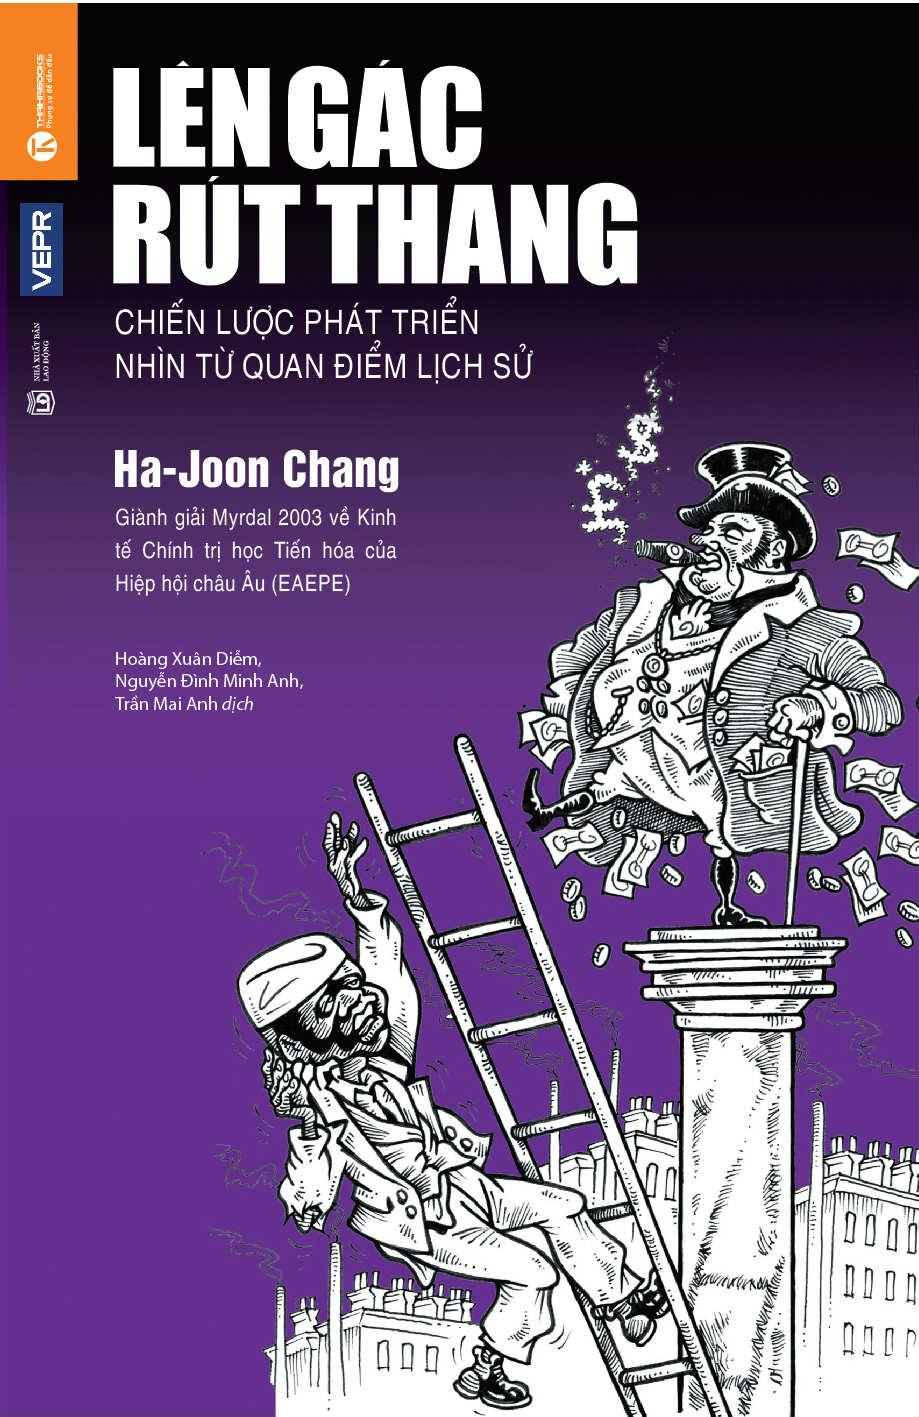 LÊN GÁC RÚT THANG (HA-JOON CHANG)